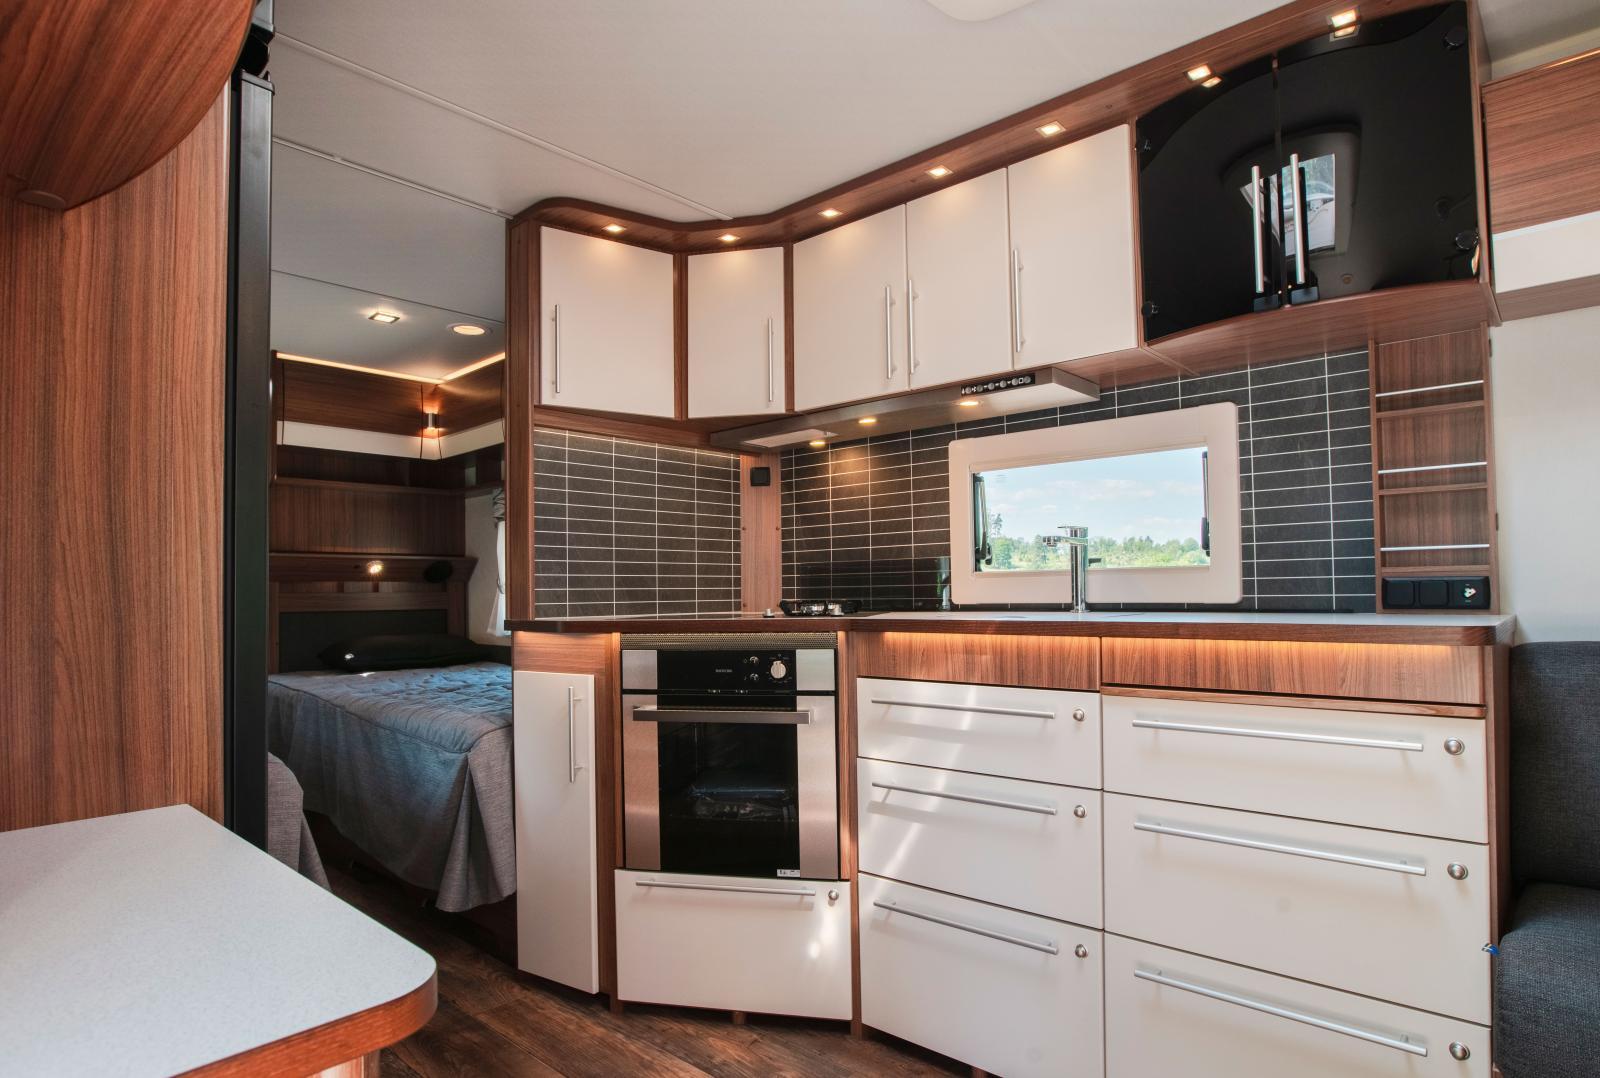 Bra belysning, effektiv ventilation, stor kyl och frys, lådor i stället för skåp. Ett bra kök.